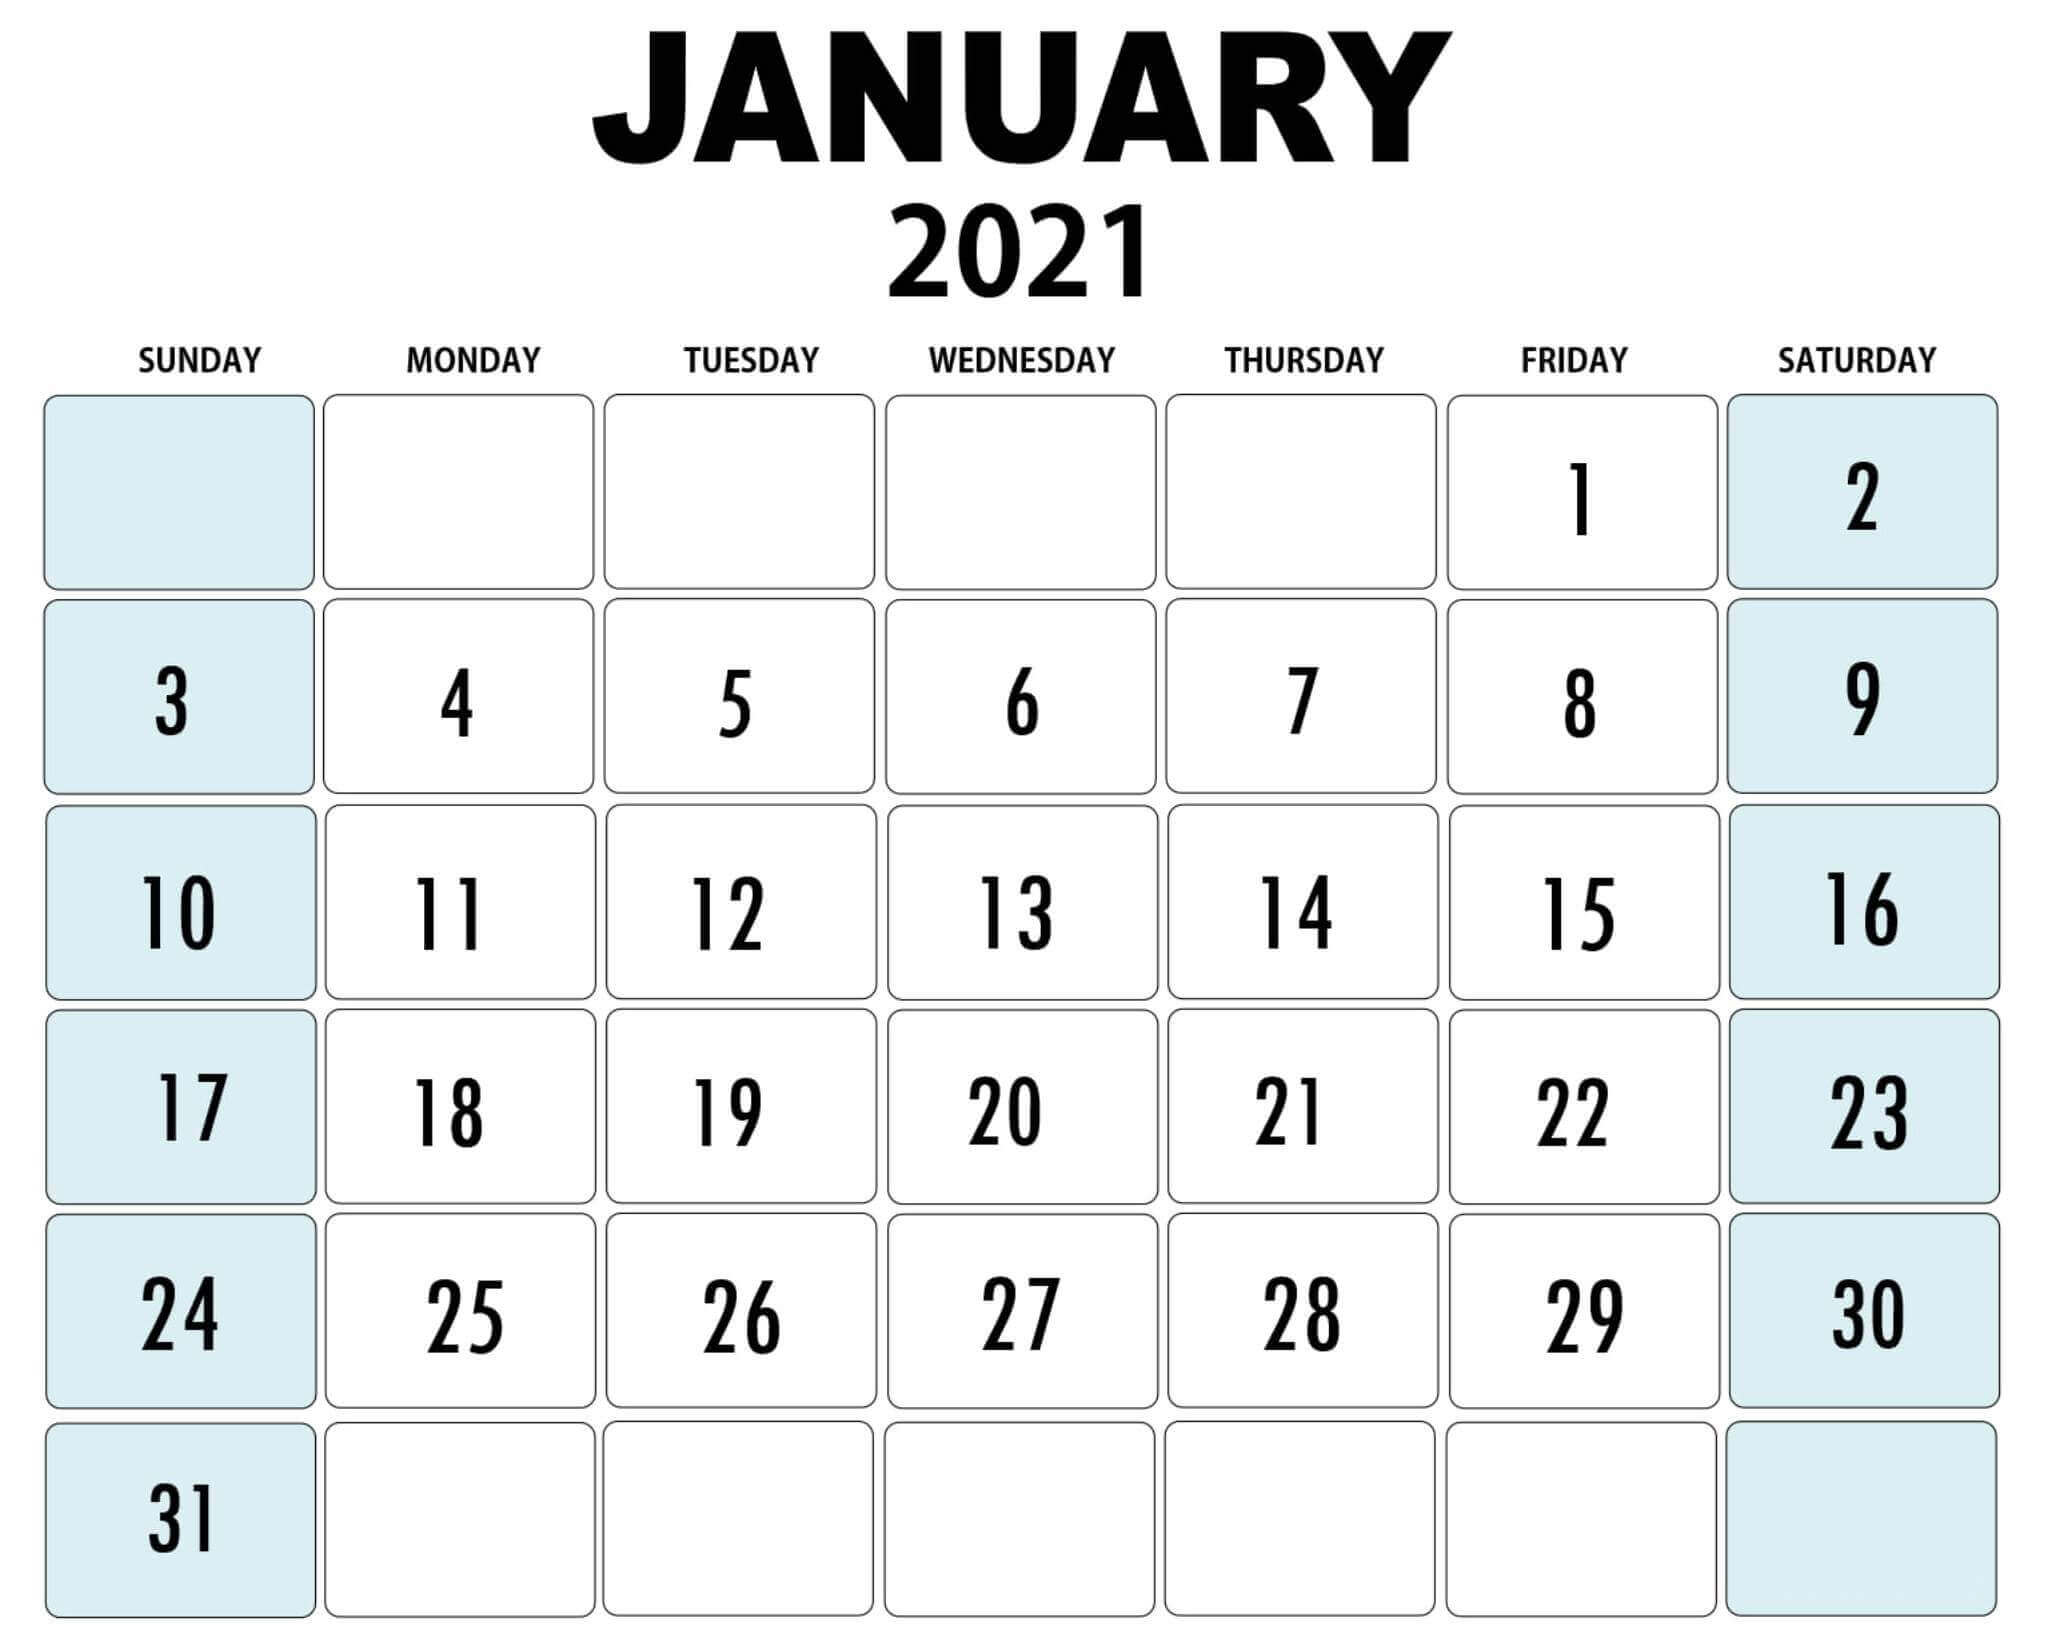 Editable Calendar For January 2021